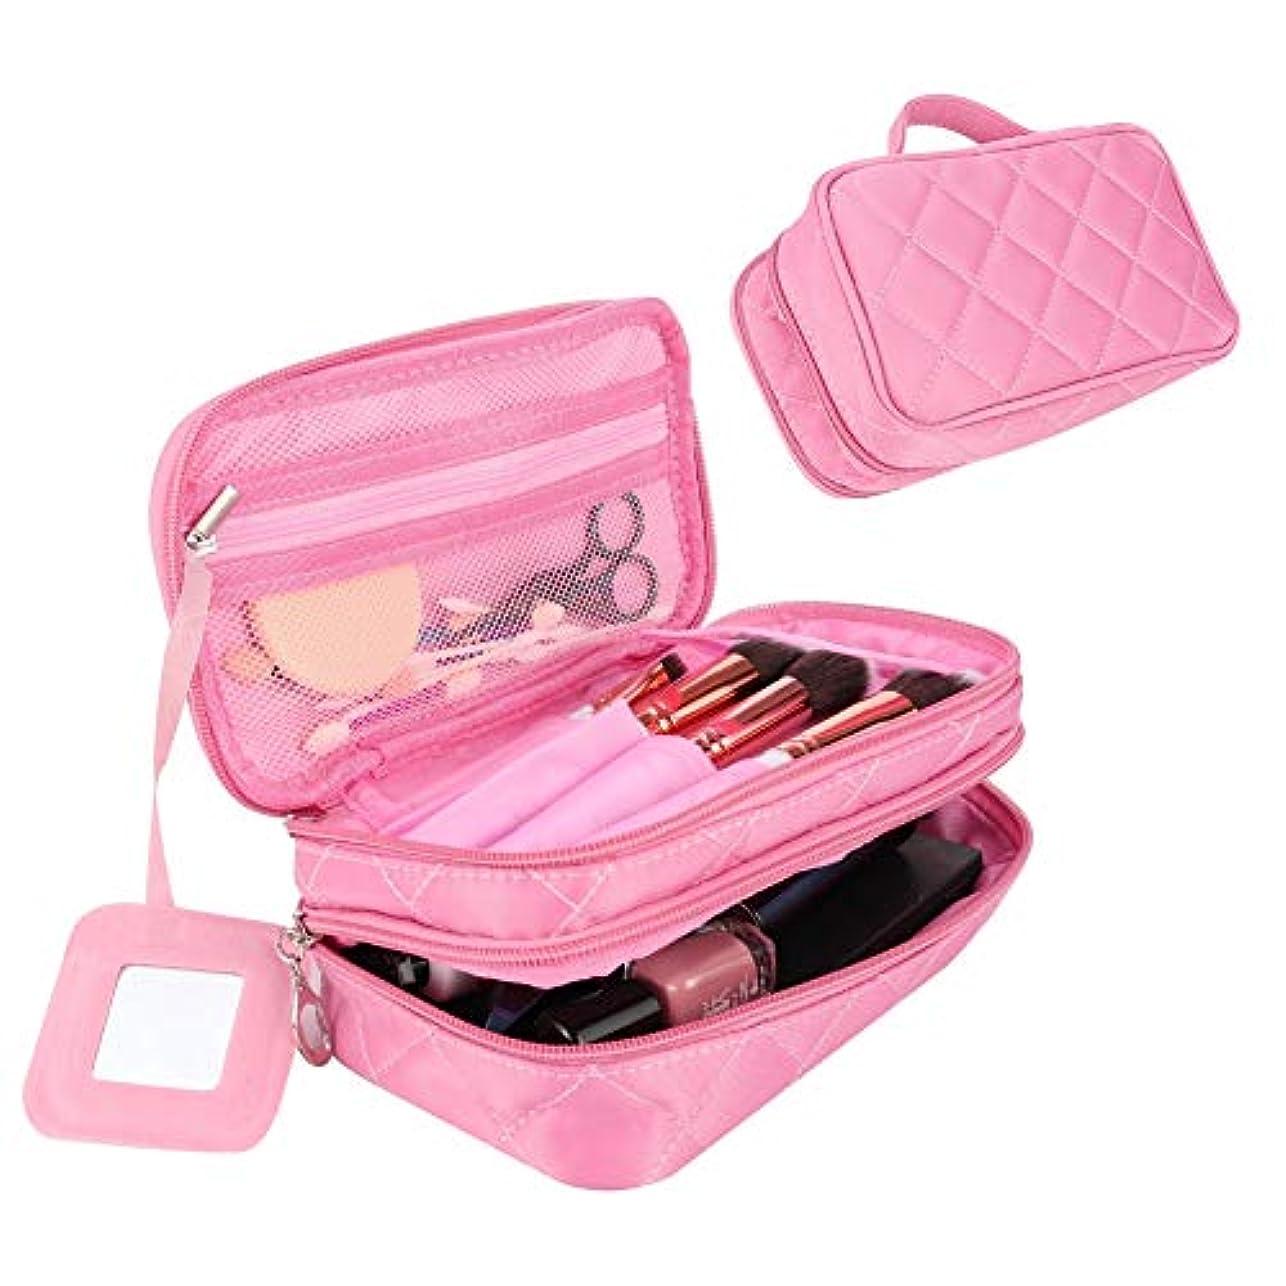 覆す出費風邪をひくAumesa Rano メイクポーチ 機能的 化粧ポーチ 二層あり ブラシ入れ付き 仕切り コスメポーチ 収納 持ち運び 携帯用 防水 鏡付き (ピンク)